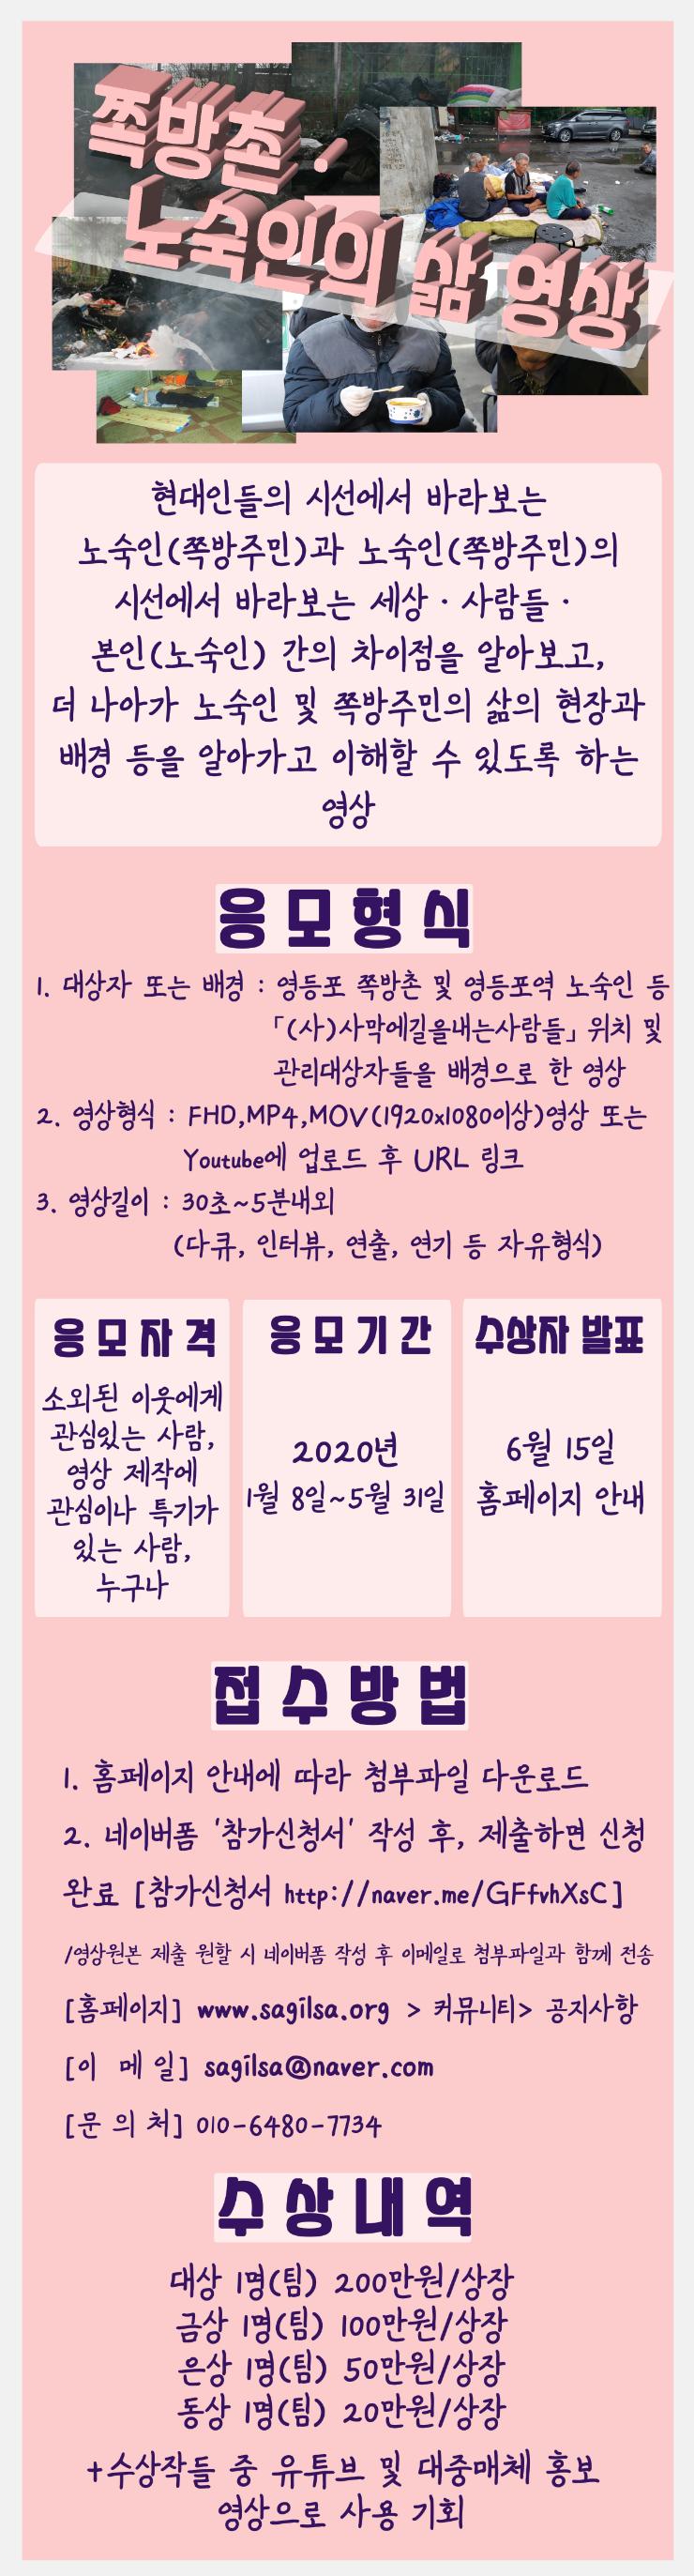 쪽방촌노숙인의삶영상 UCC 포스터.png